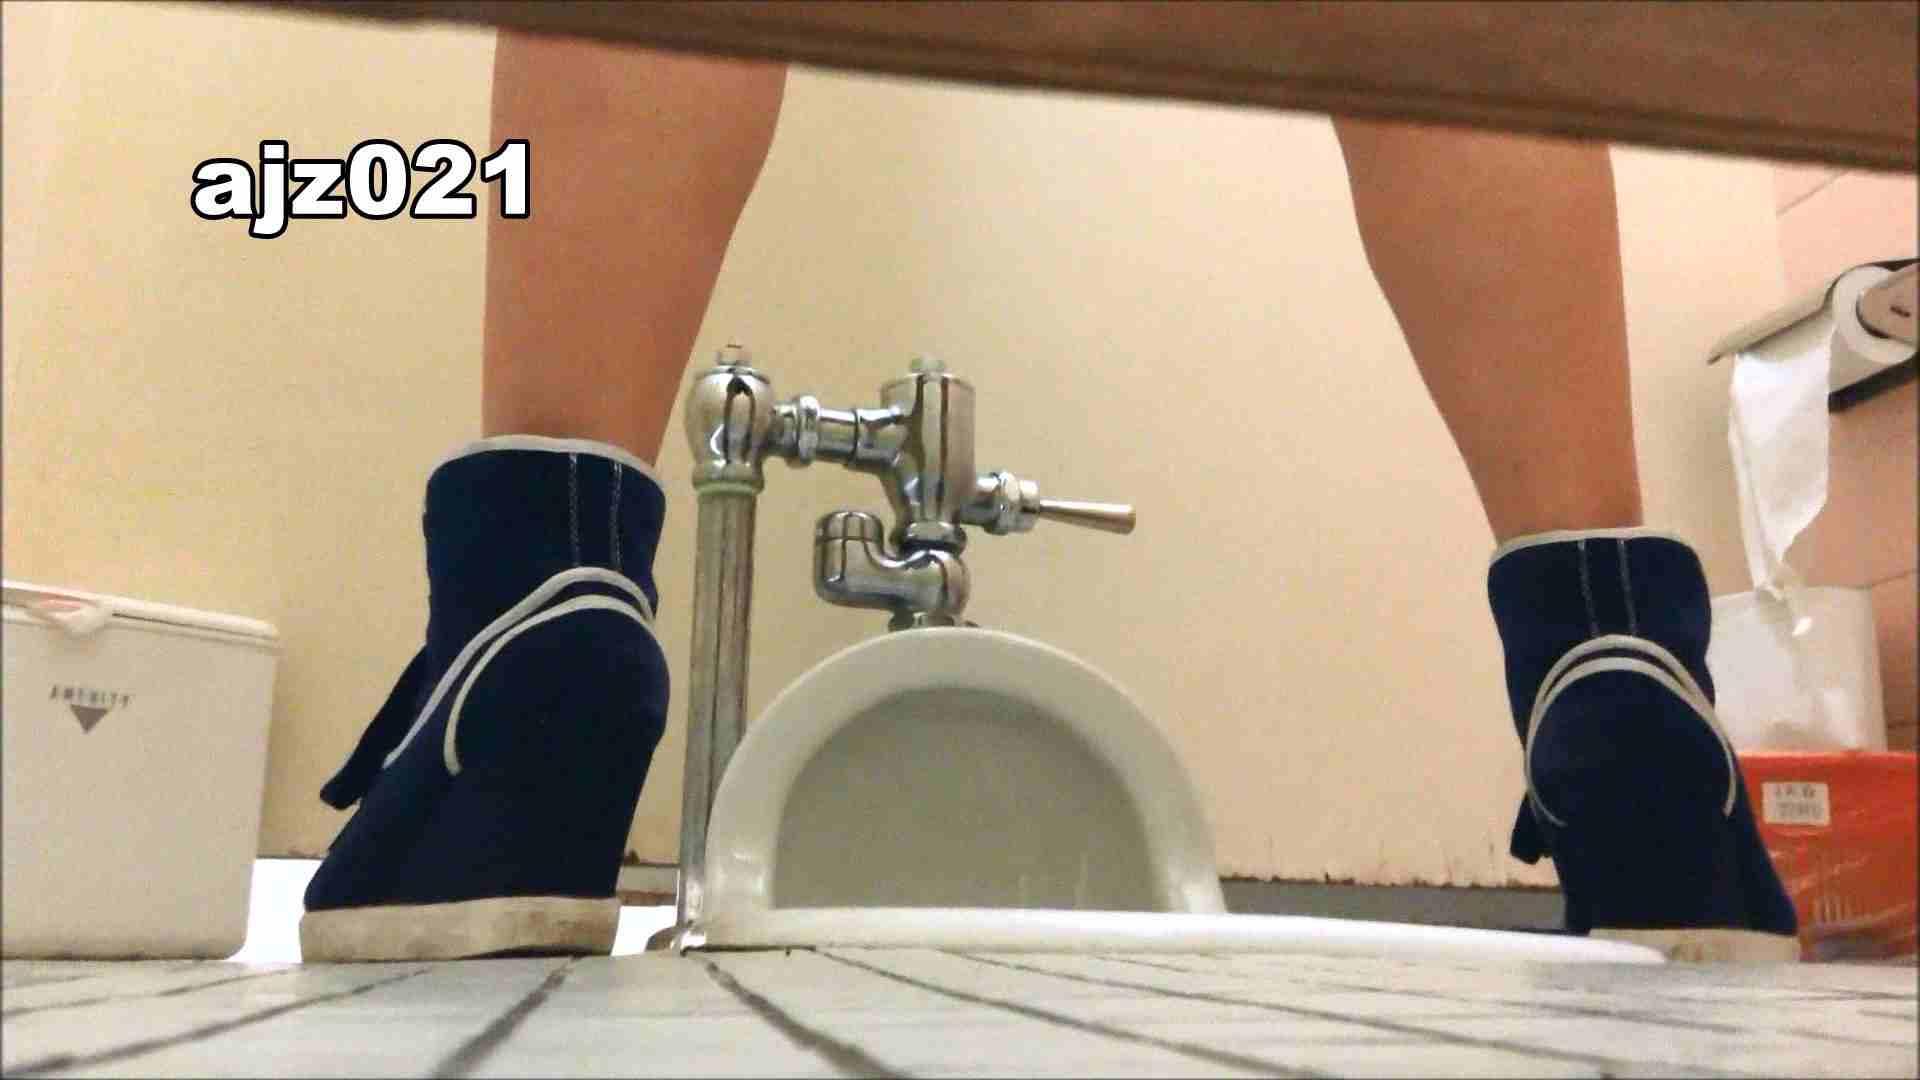 某有名大学女性洗面所 vol.21 洗面所シーン エロ画像 100画像 100